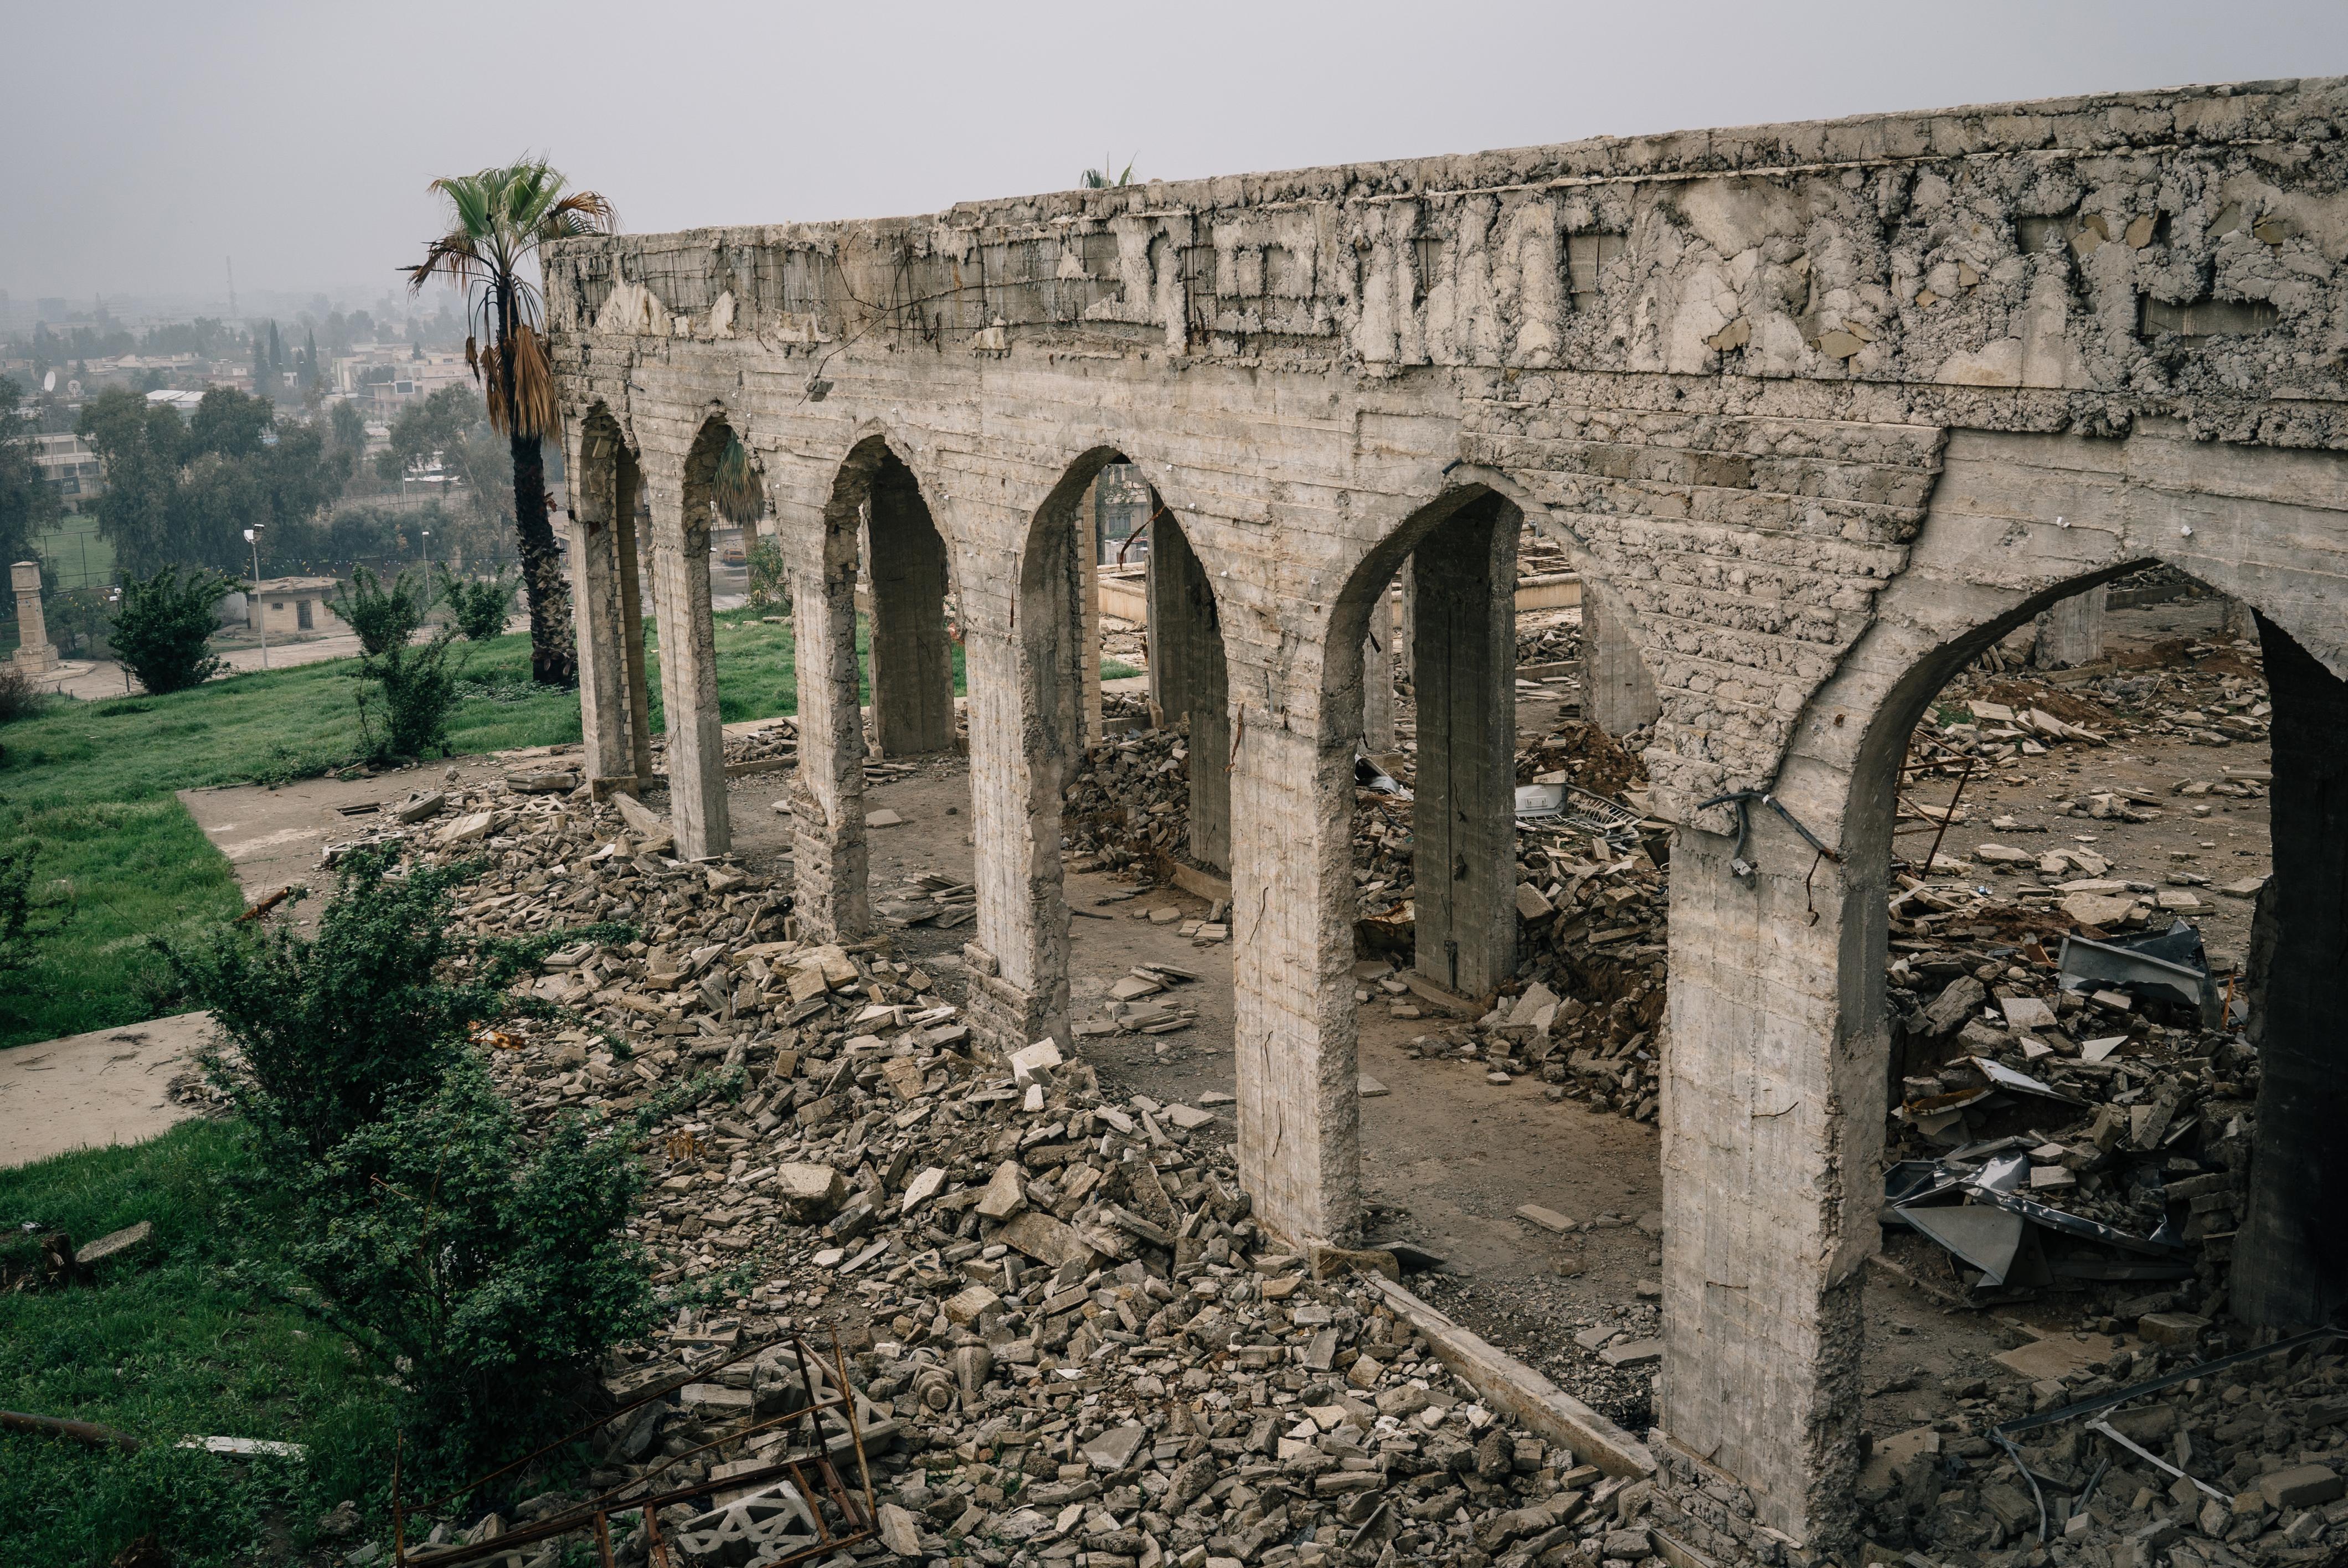 At Nineveh